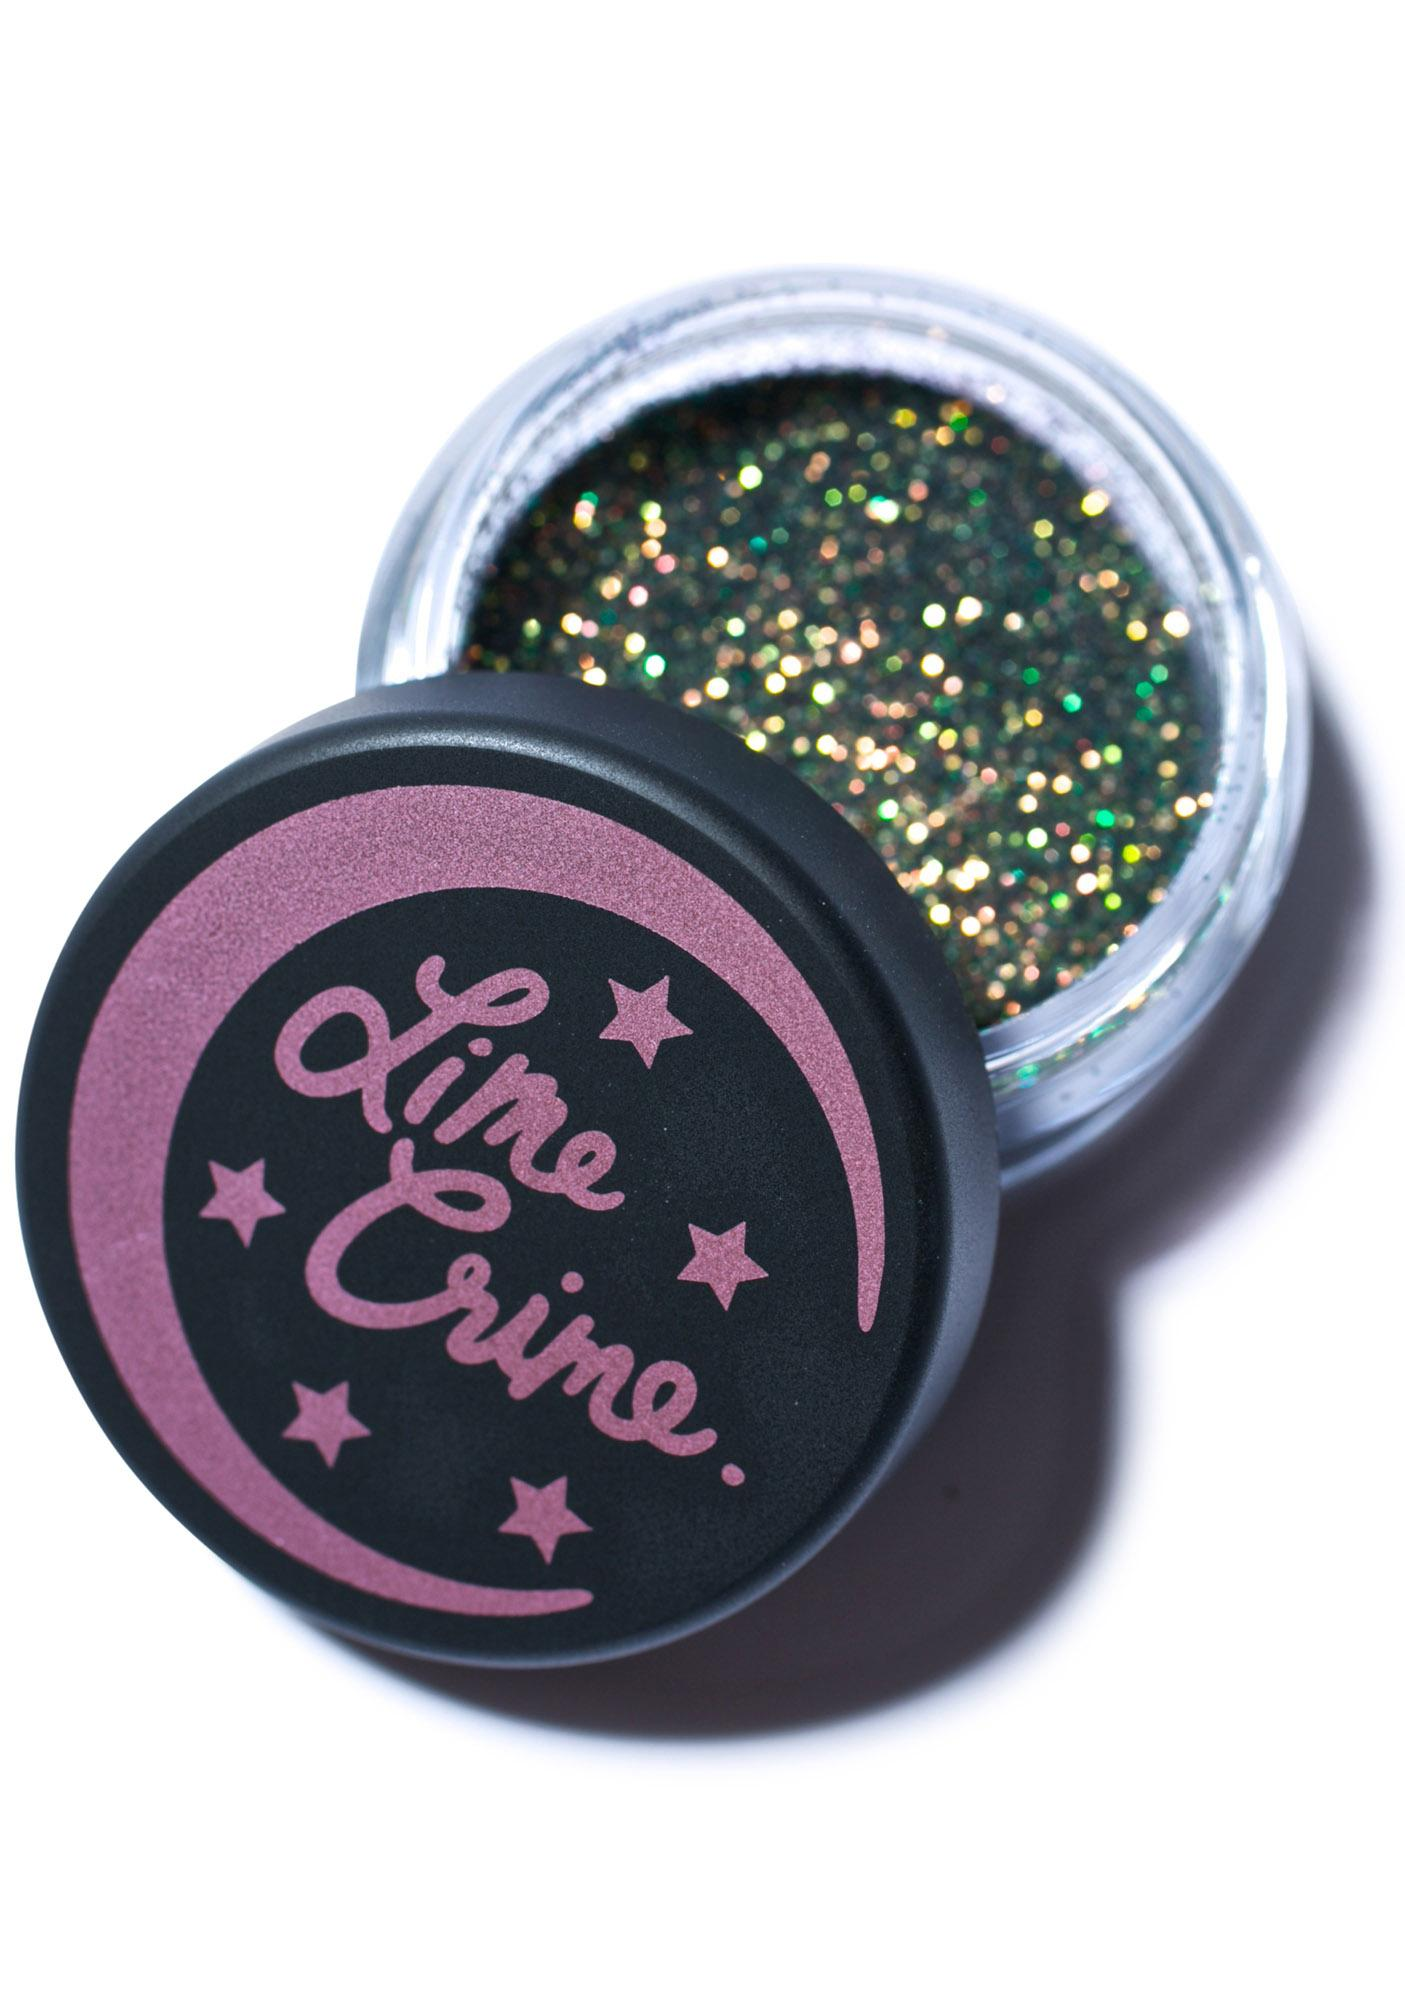 Lime Crime Taurus Zodiac Glitter